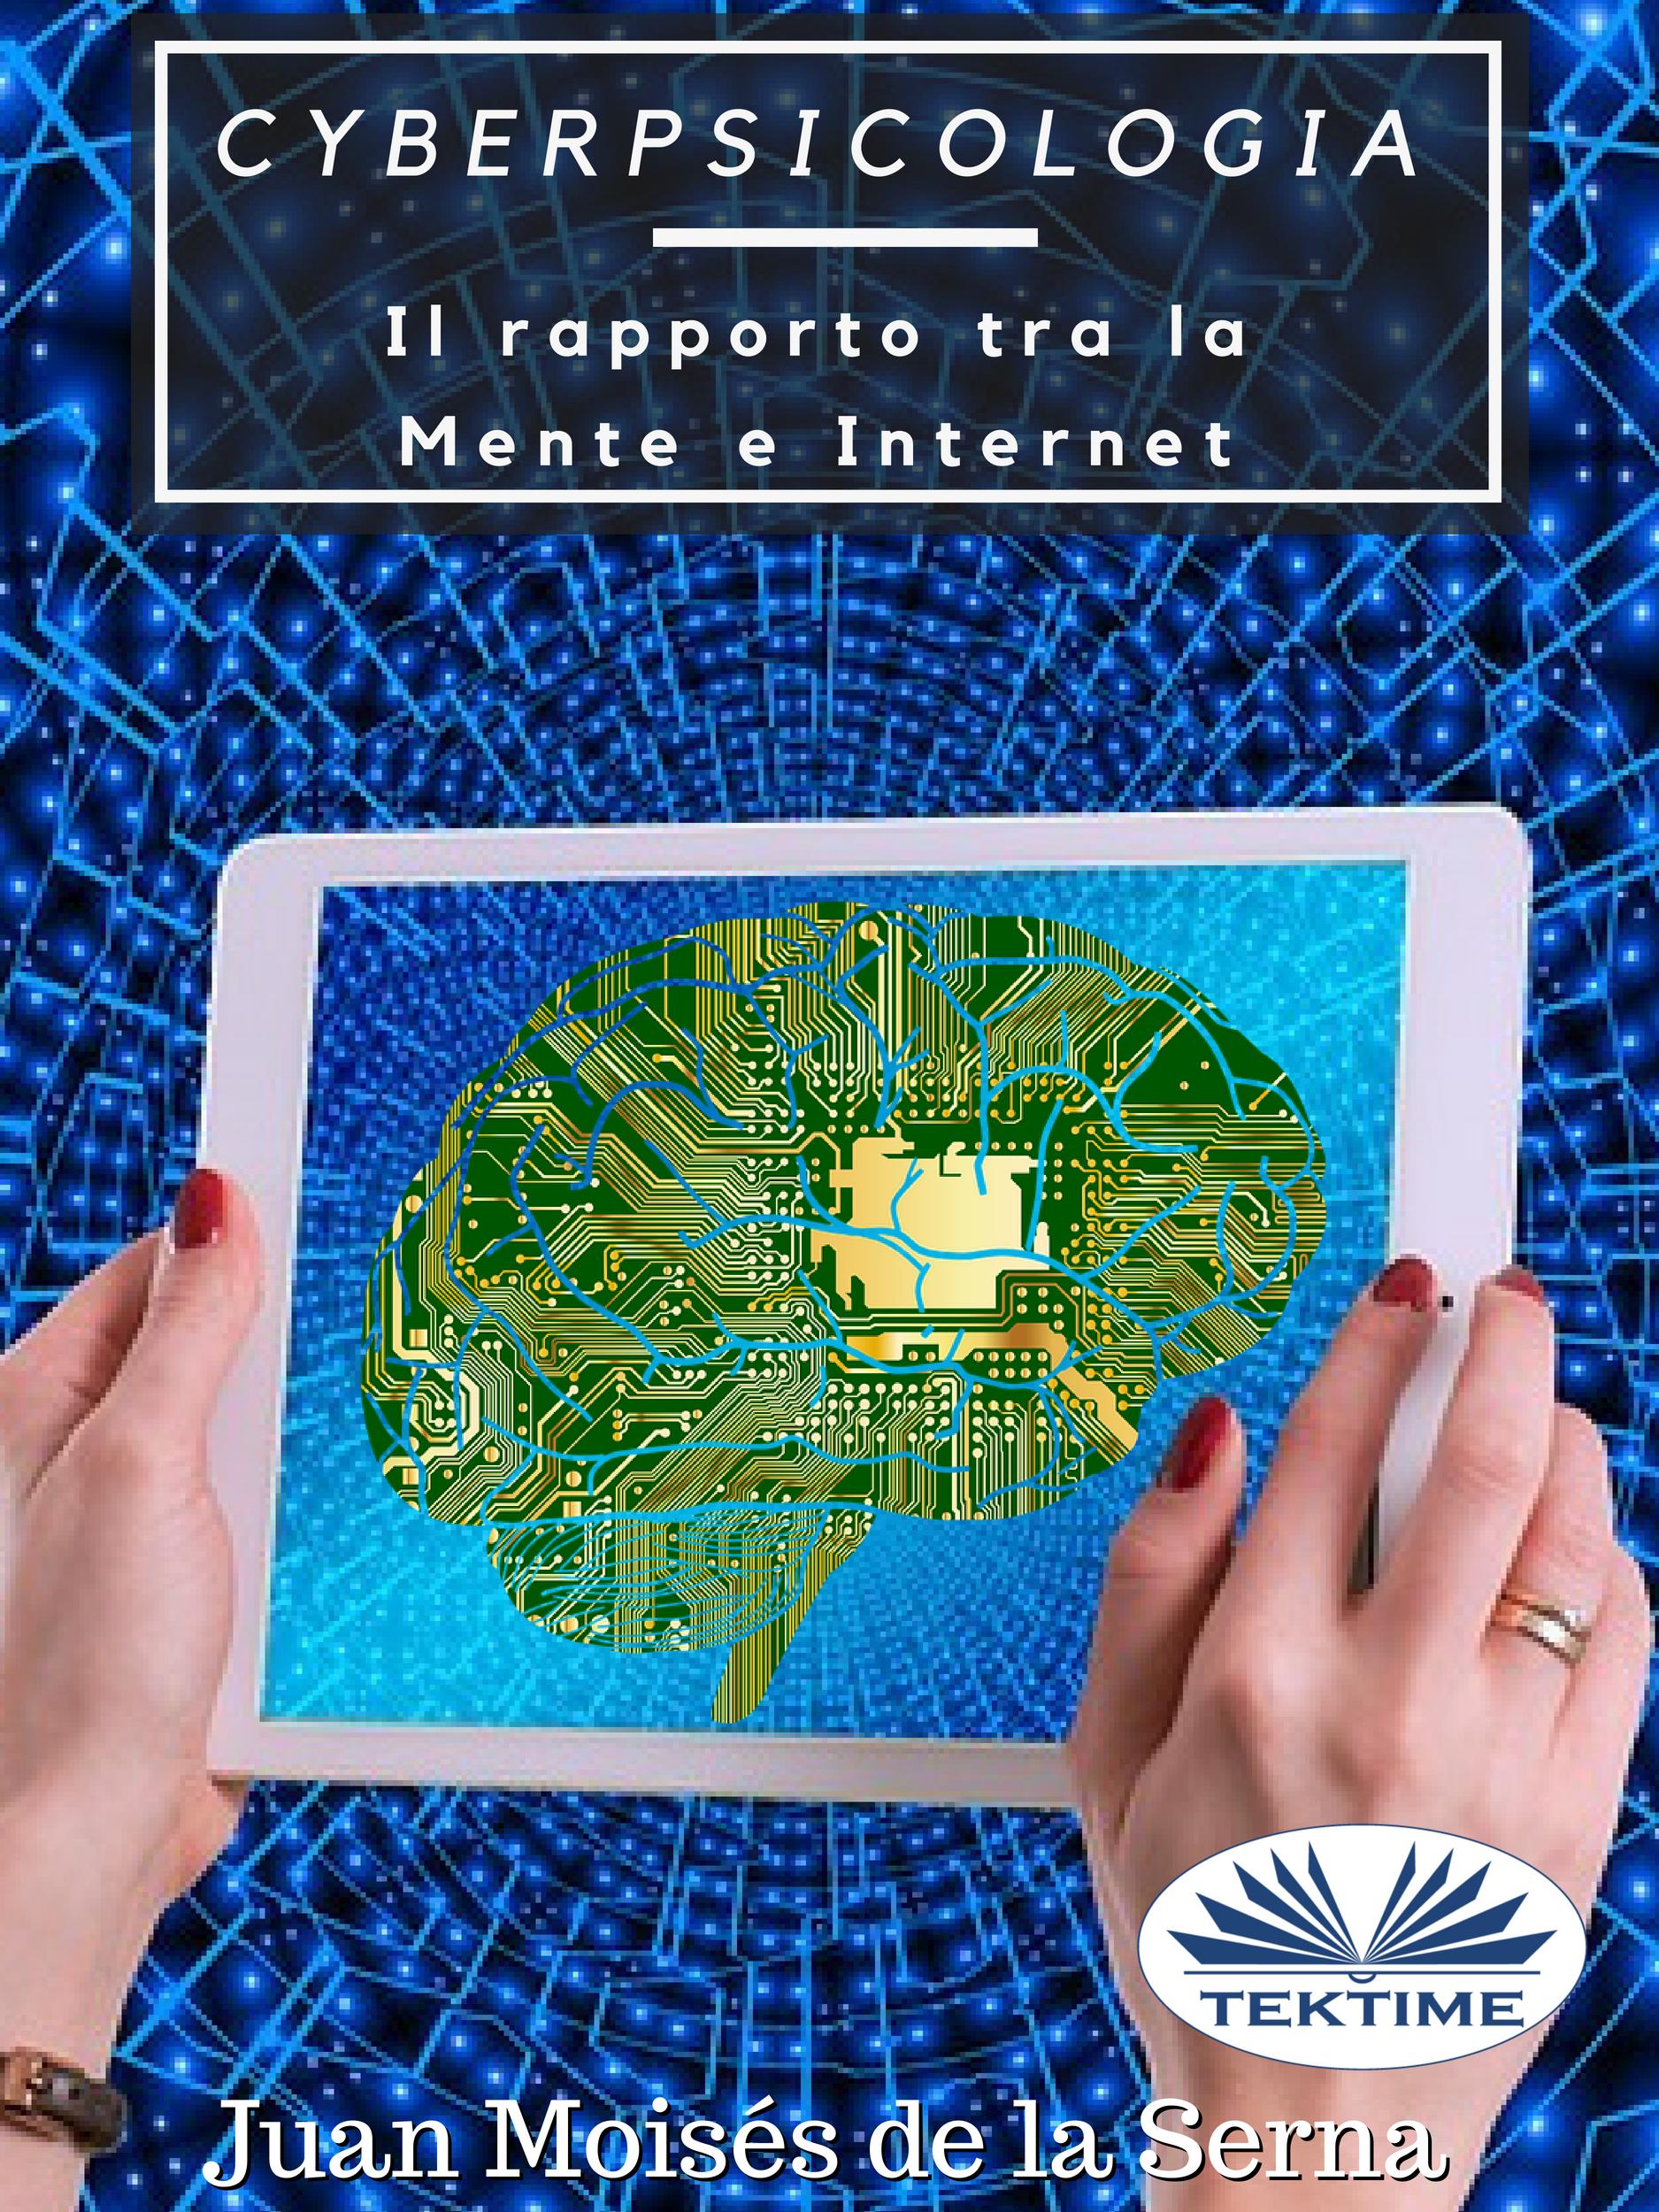 Juan Moisés De La Serna Cyberpsicologia dr juan moisés de la serna versos infantiles